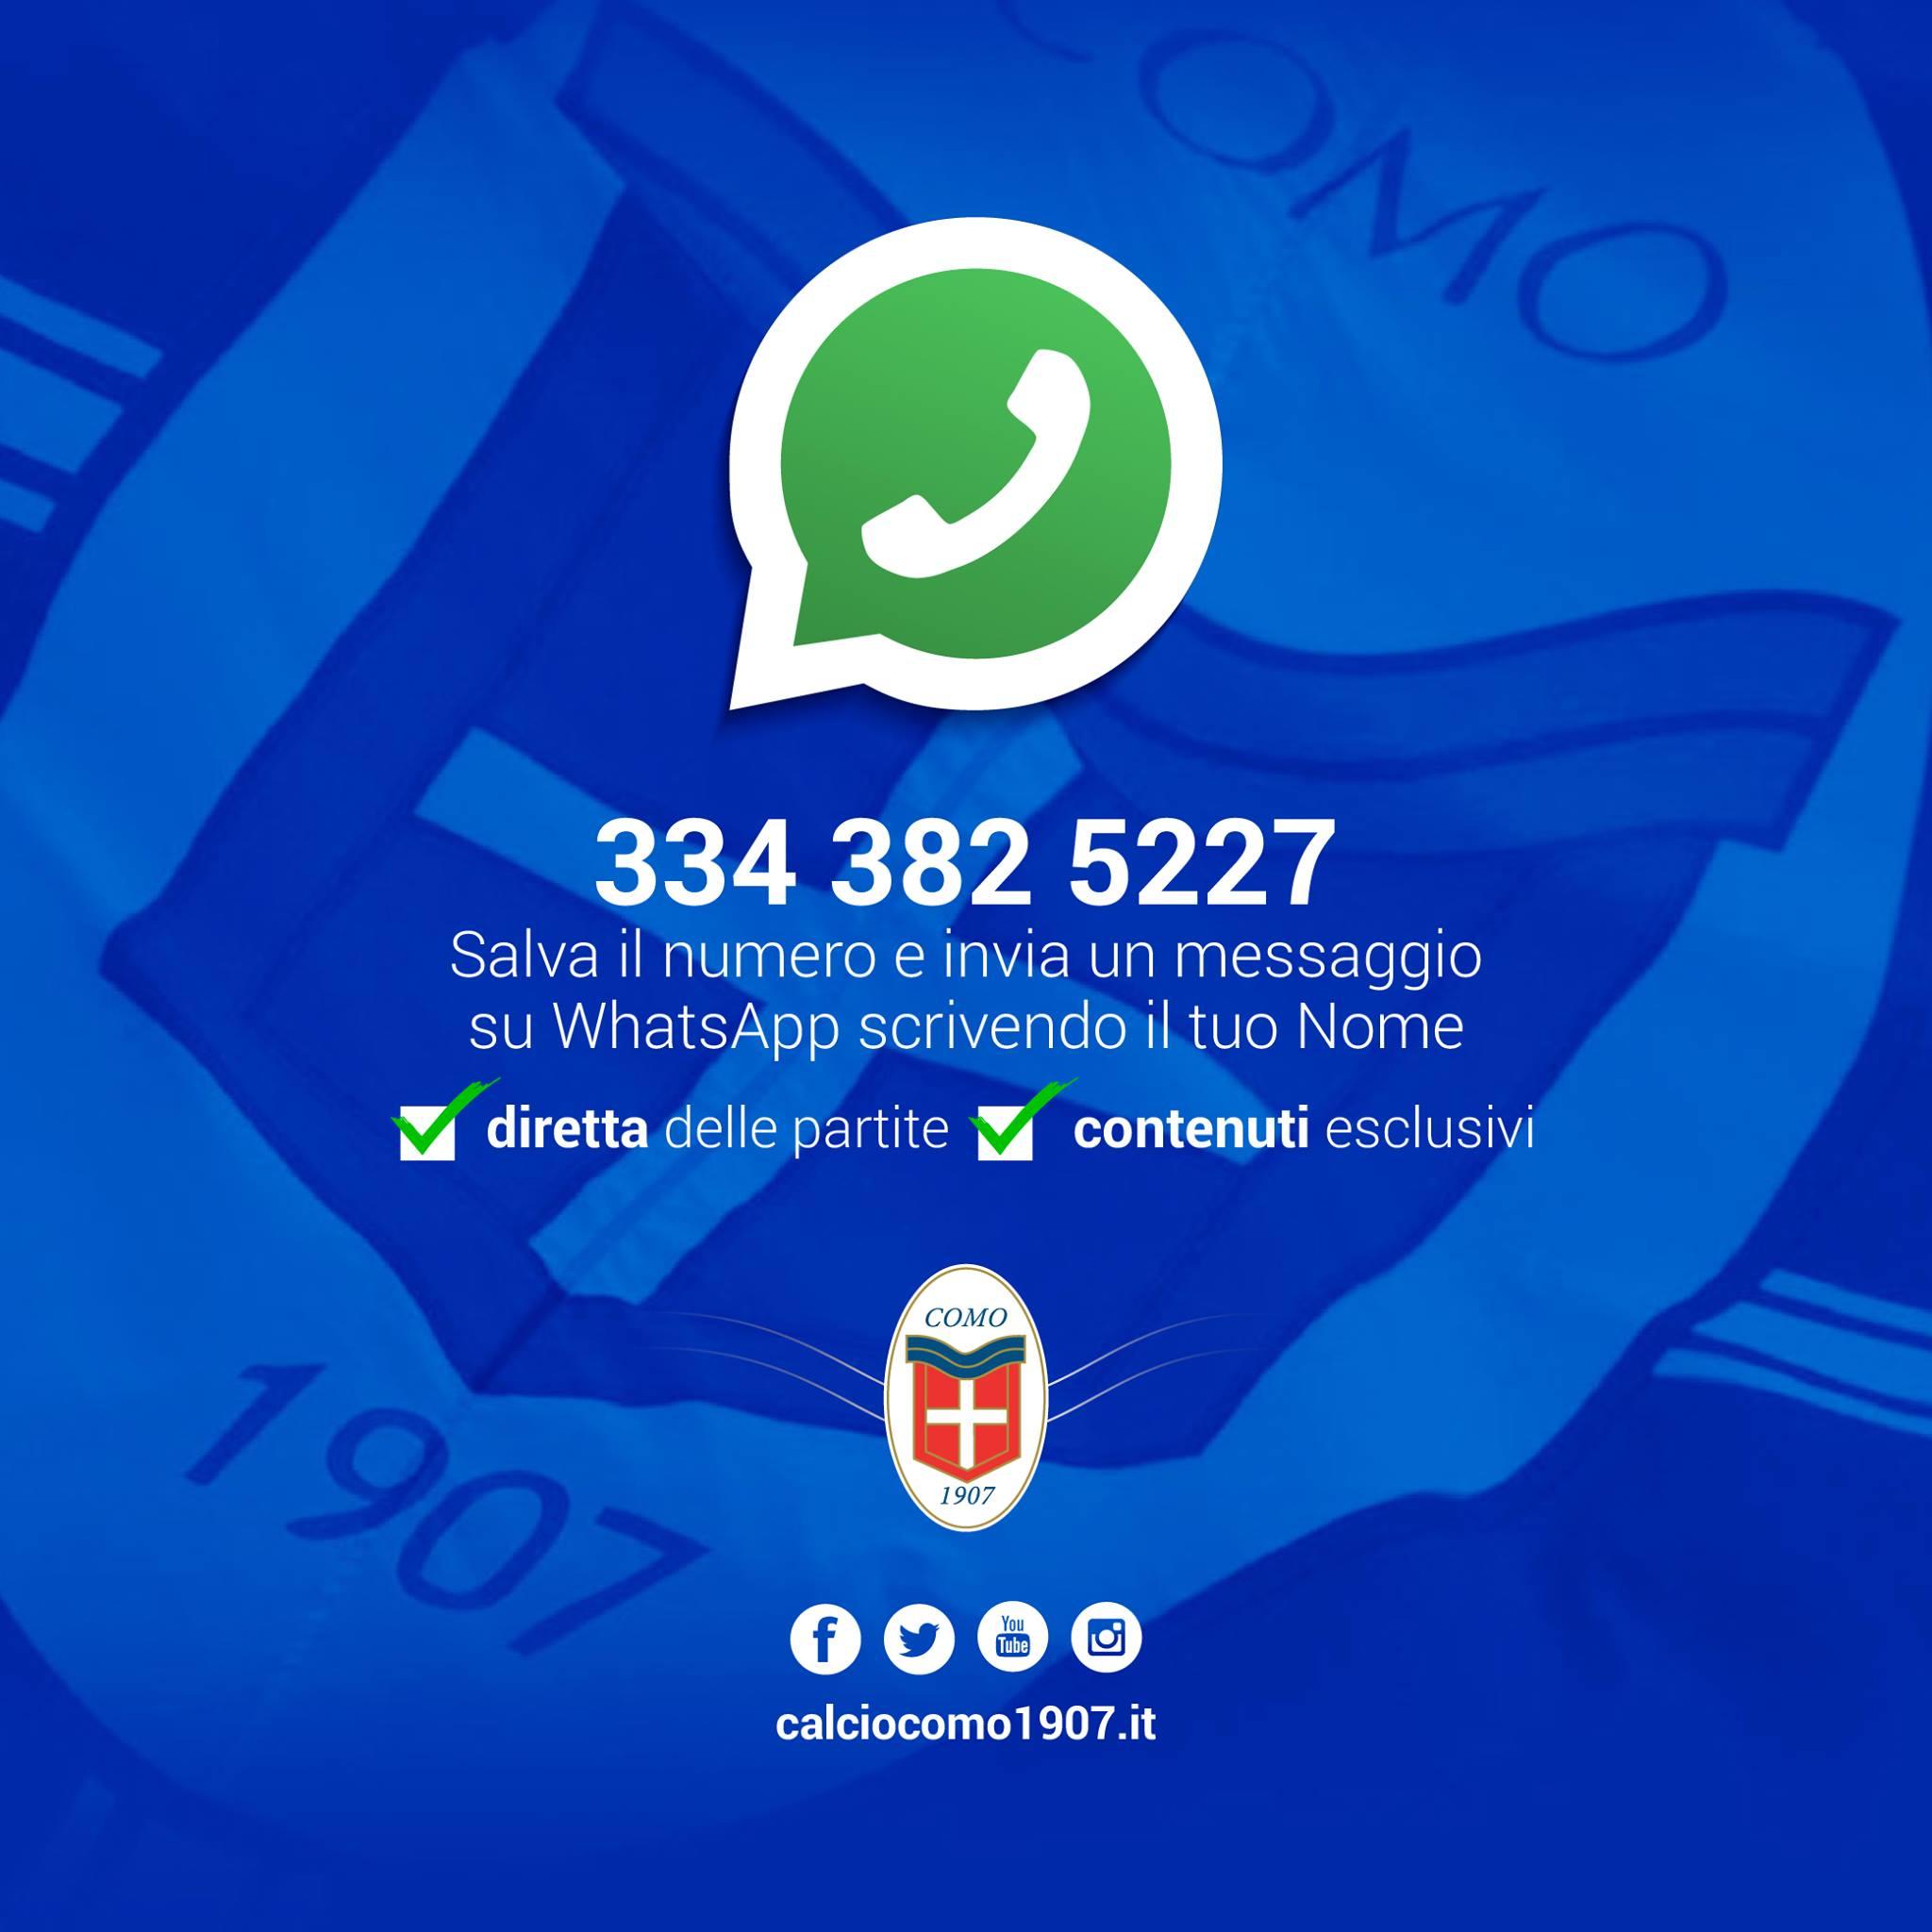 WhatsApp como calcio